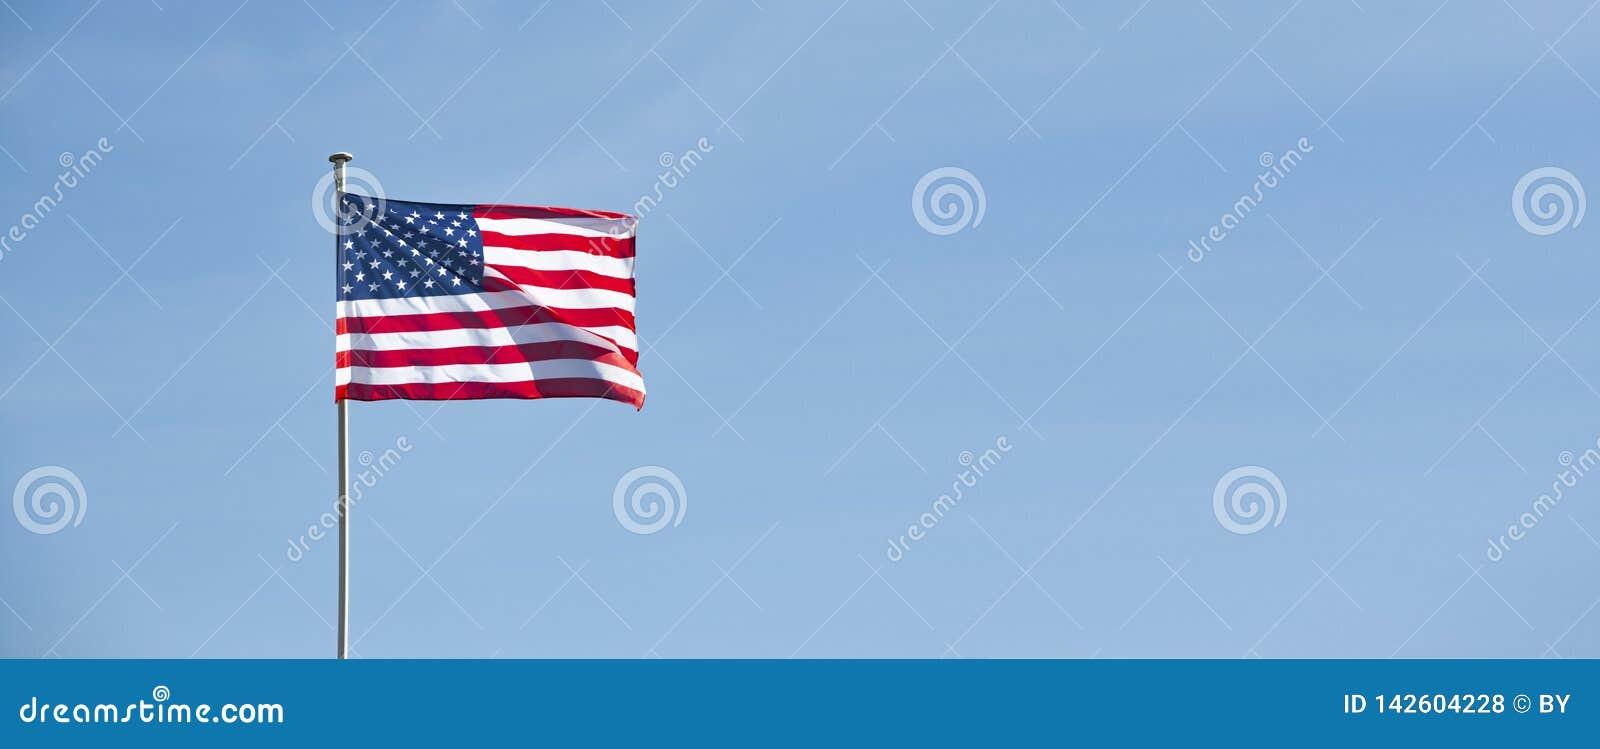 Αμερικανική σημαία στο μπλε ουρανό